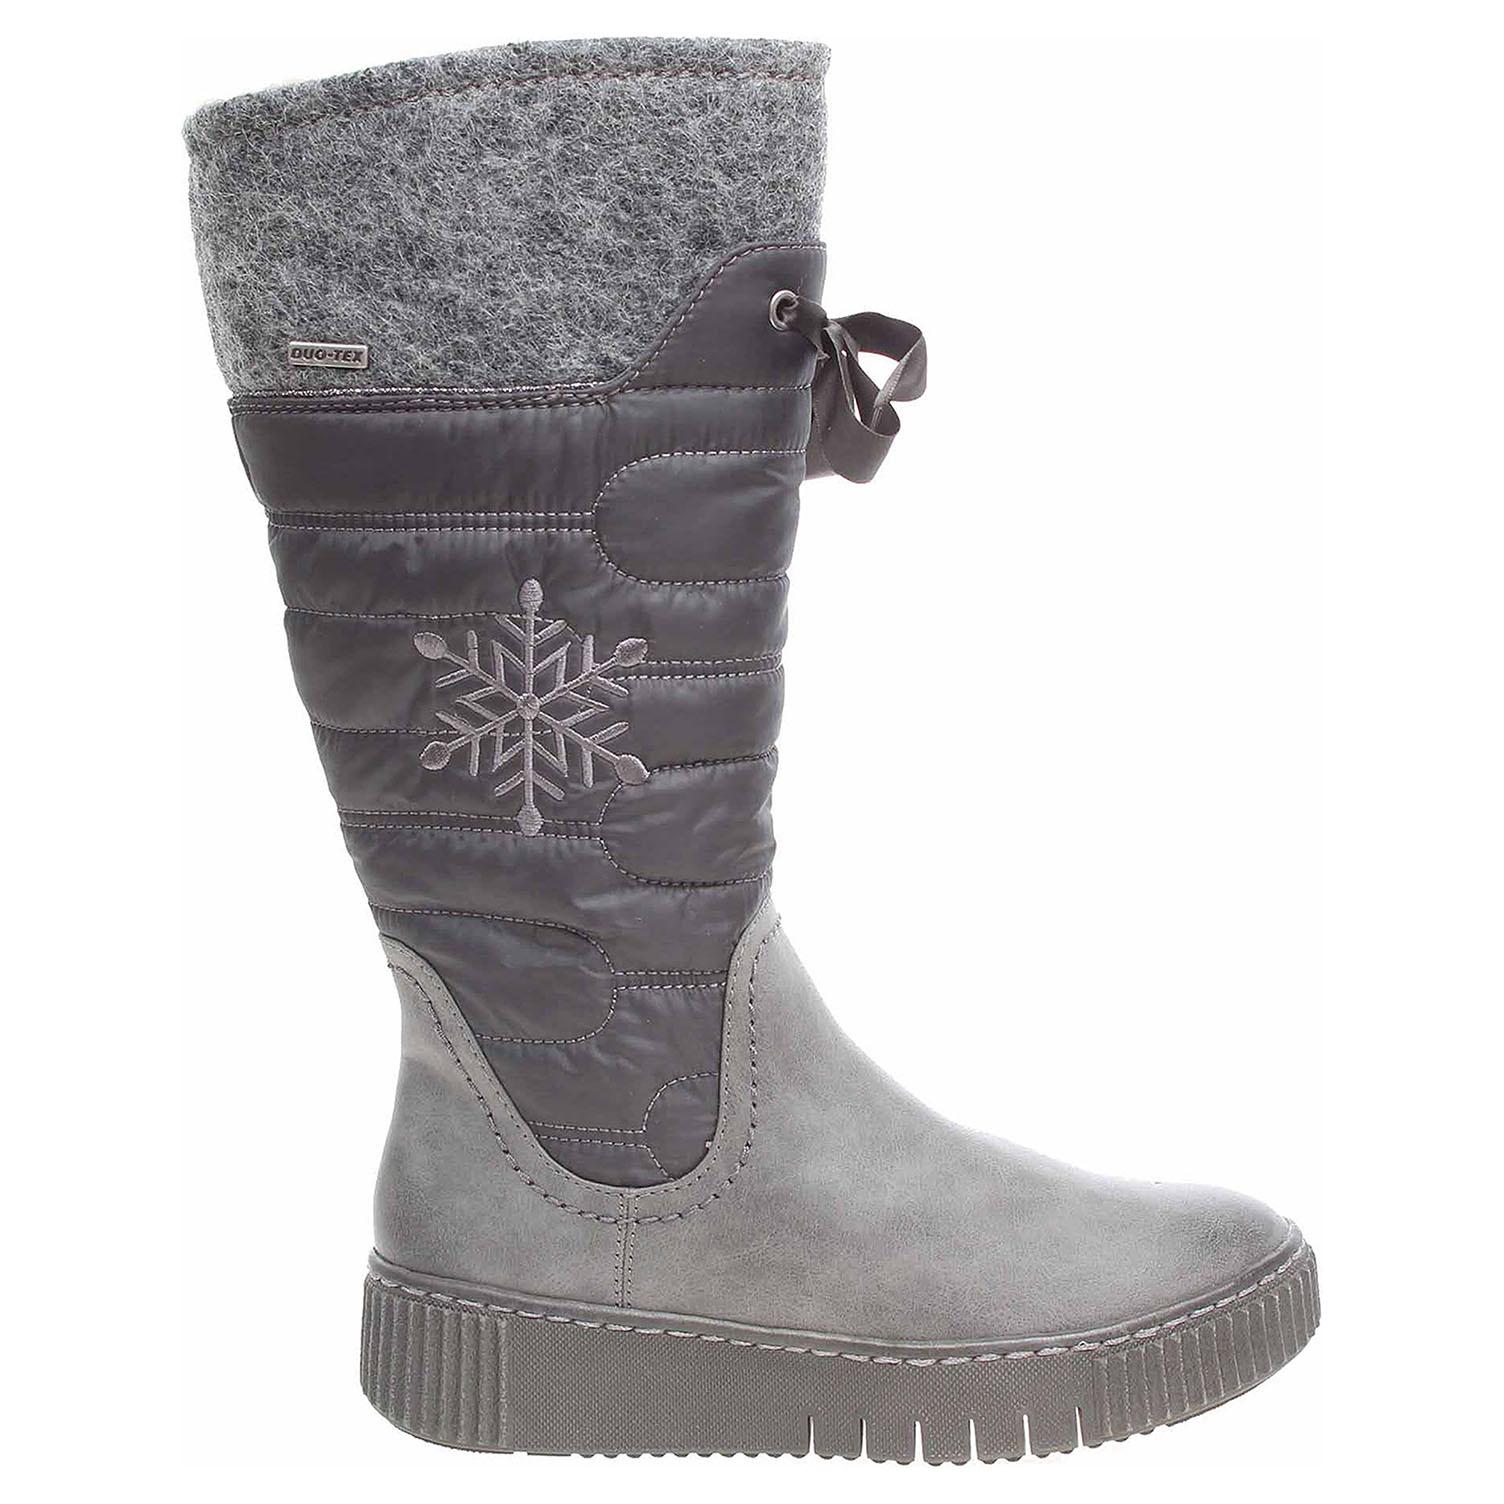 a6e903e102c61 Tamaris dámská obuv 1-26628-39 graphite comb | REJNOK obuv